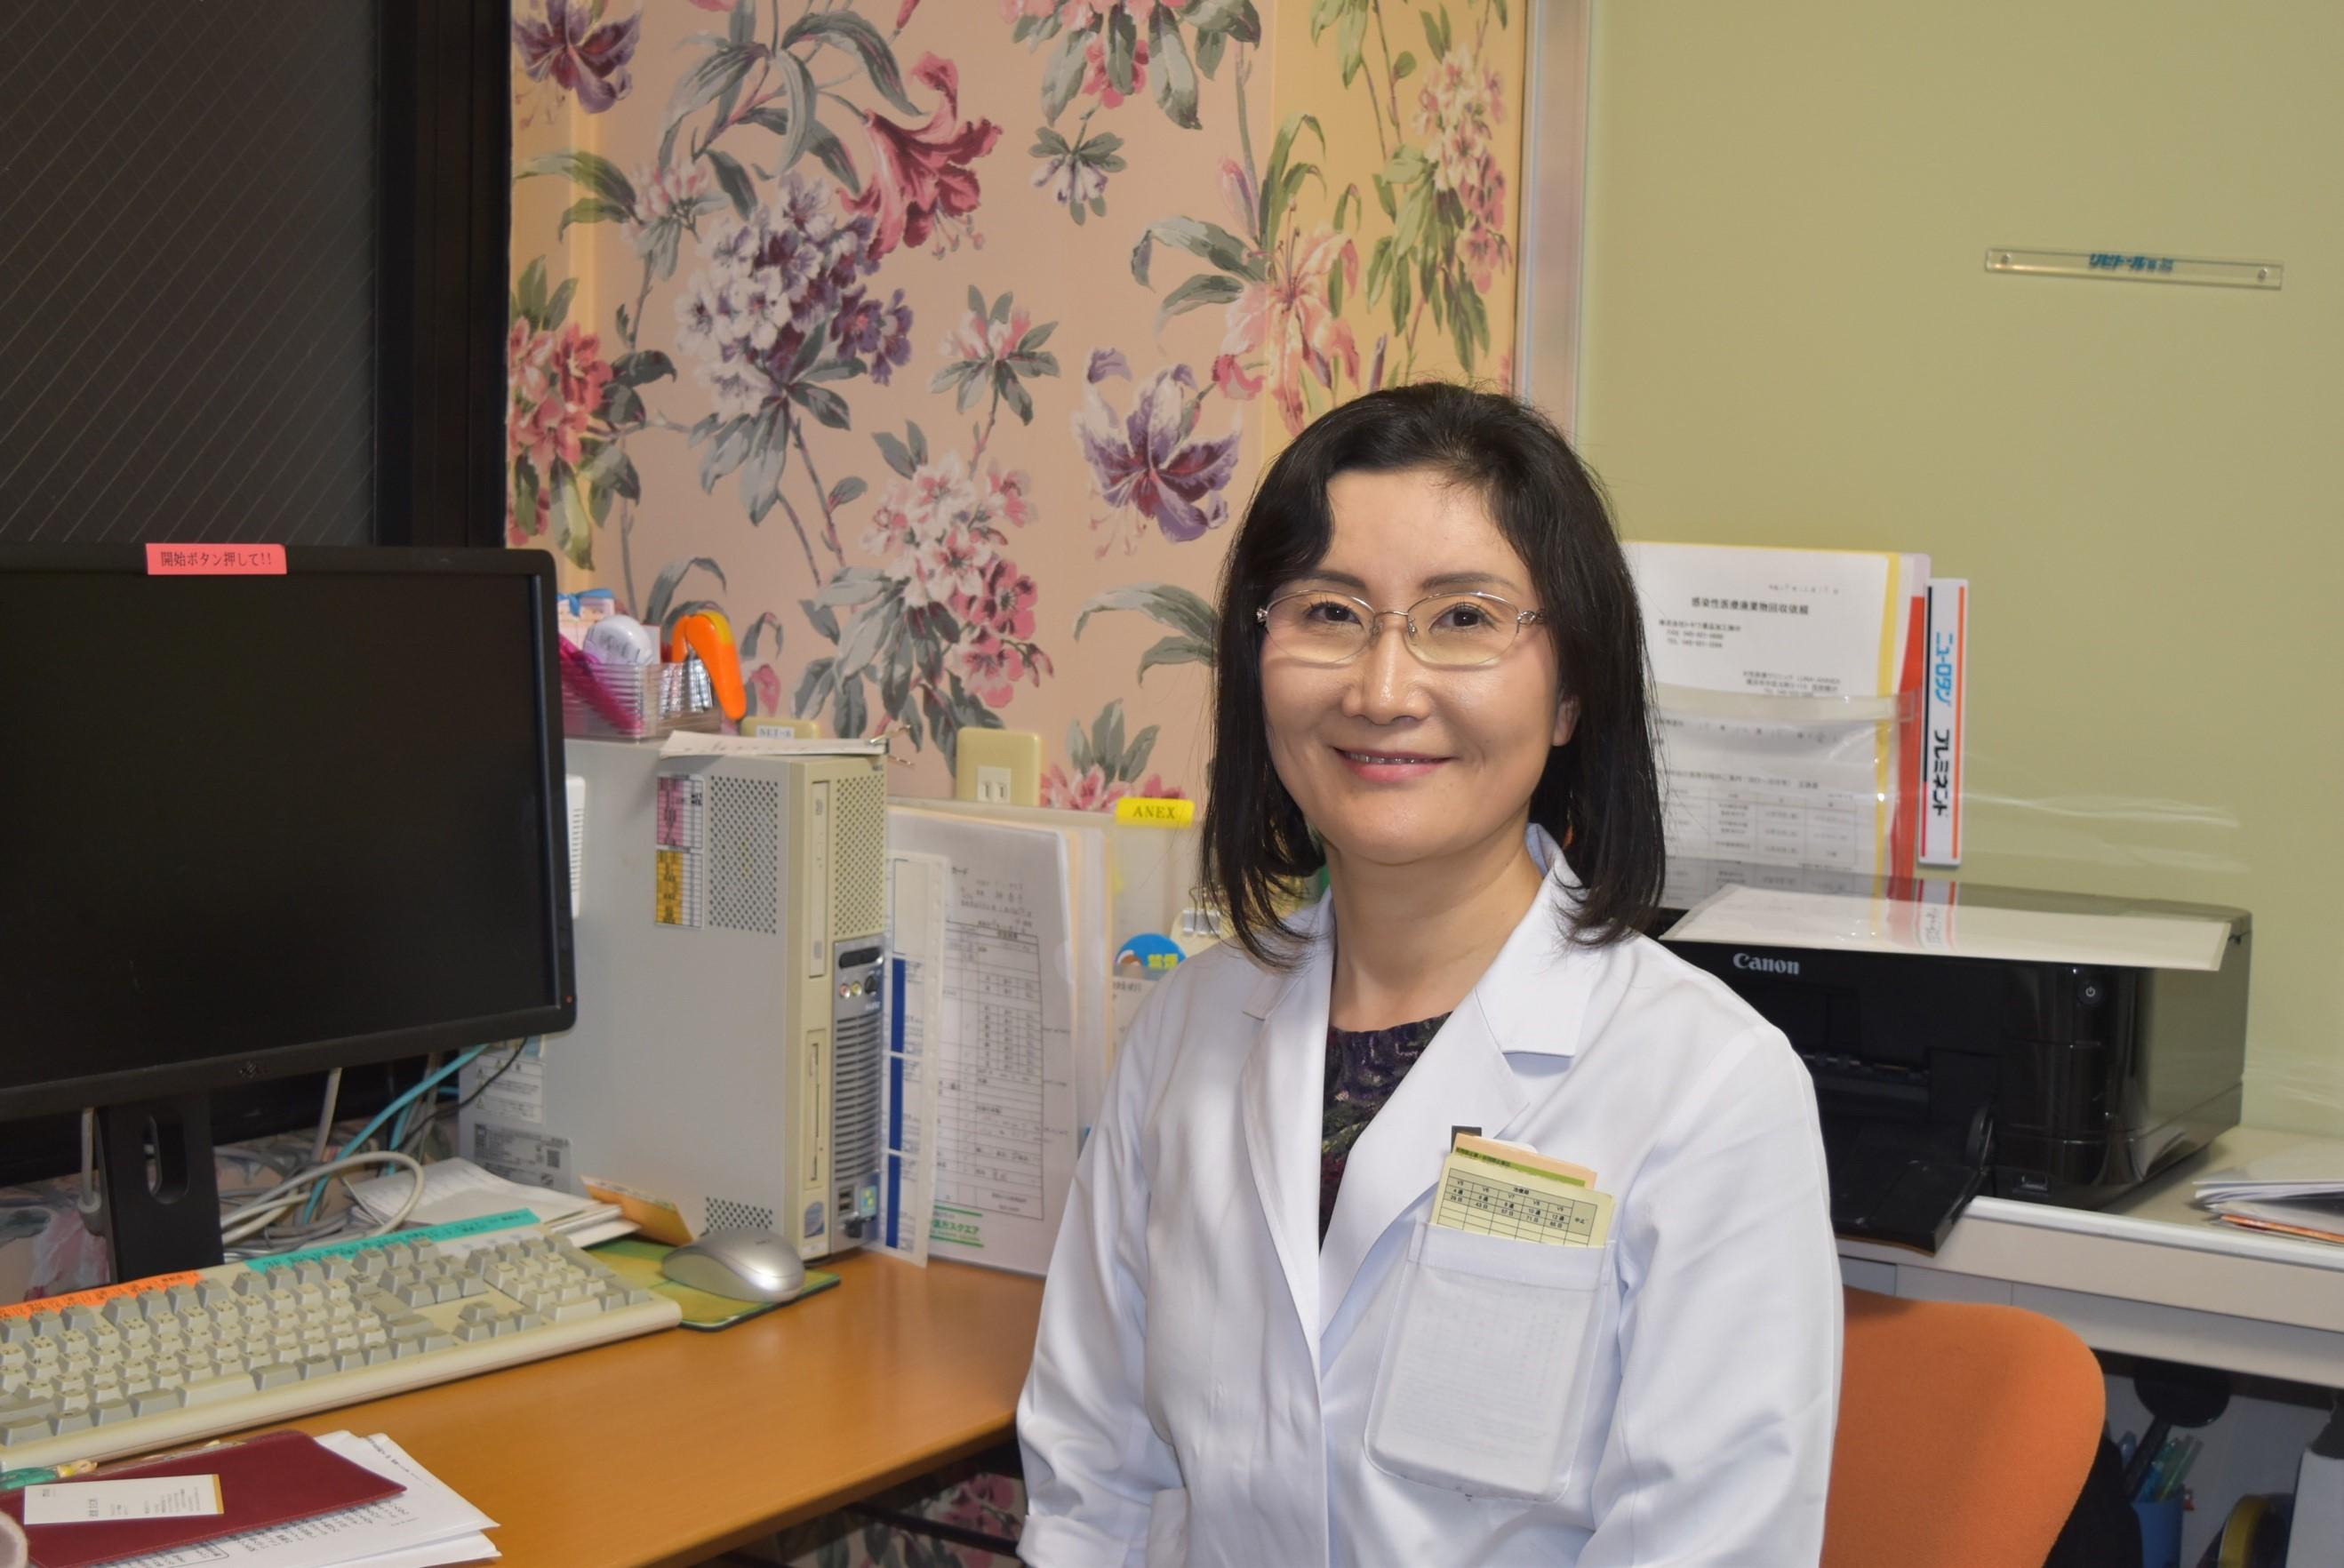 女性医療クリニック・LUNAグループ理事長の関口由紀先生の画像